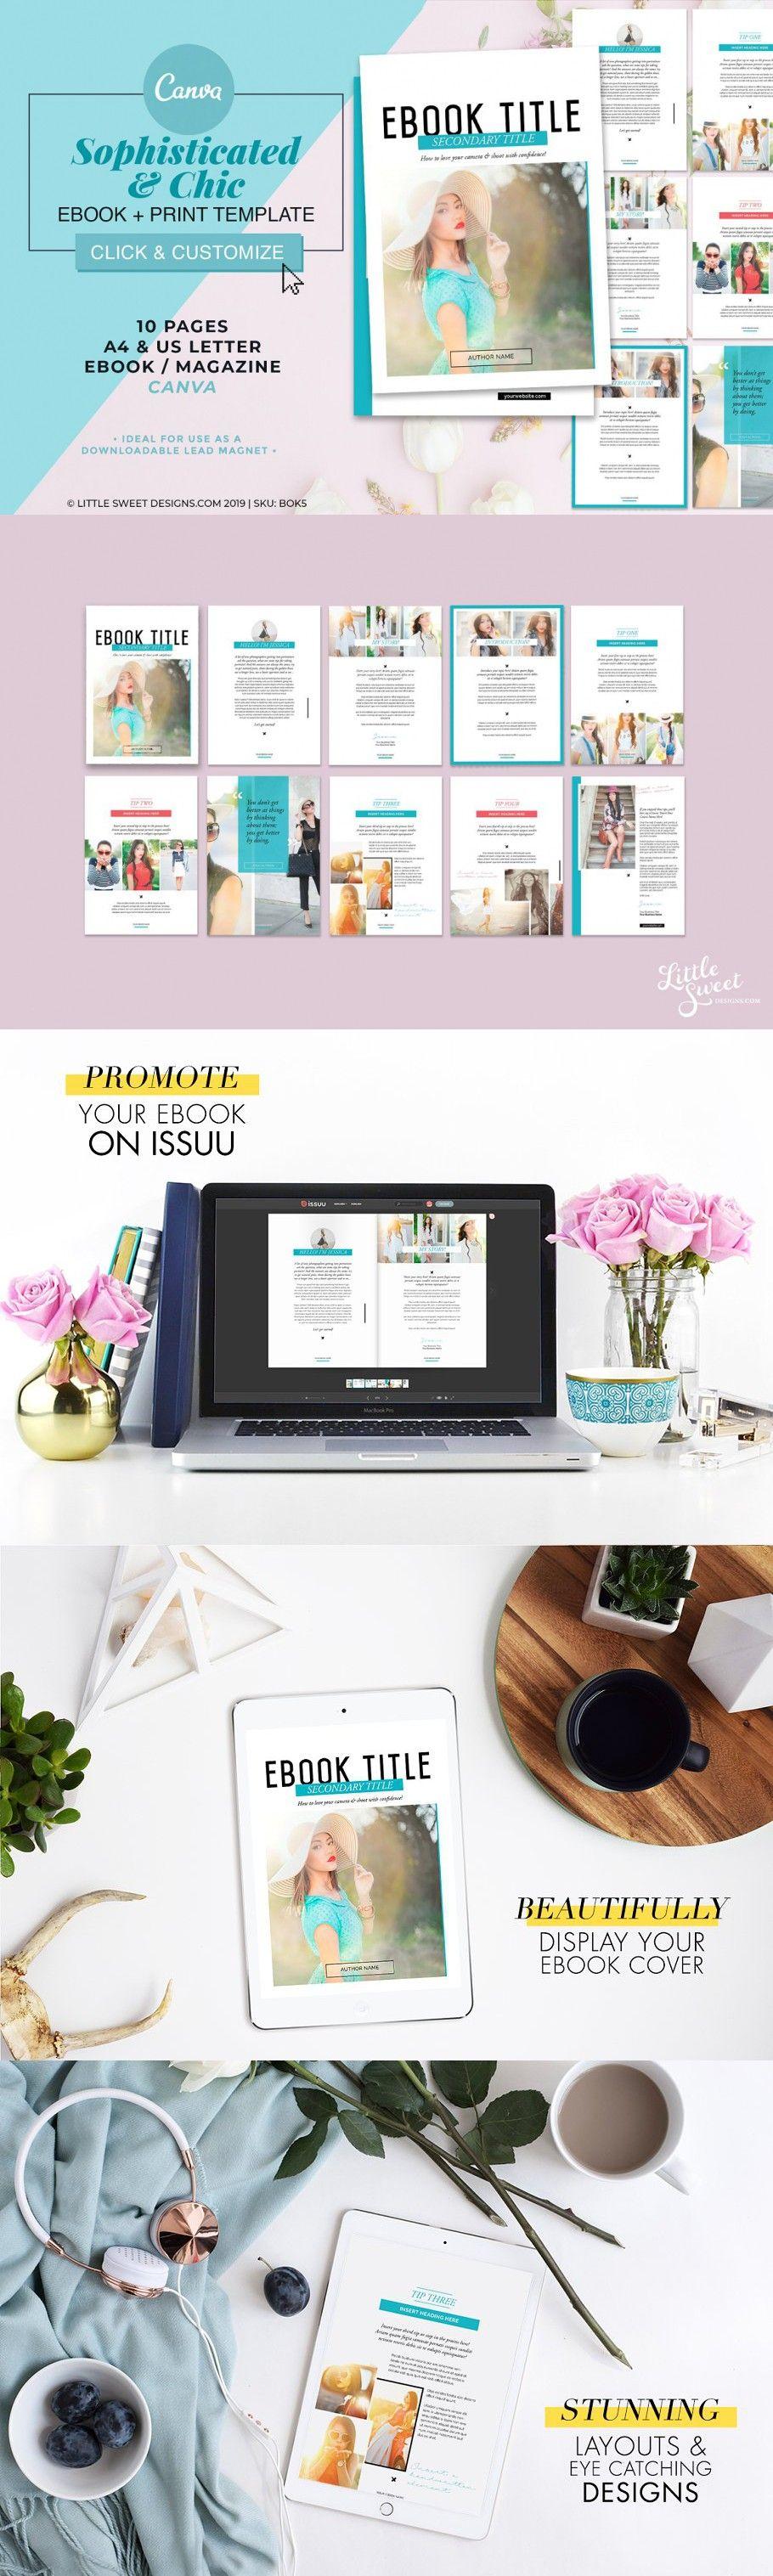 Magazine/eBook Template Canva in 2020 Ebook template